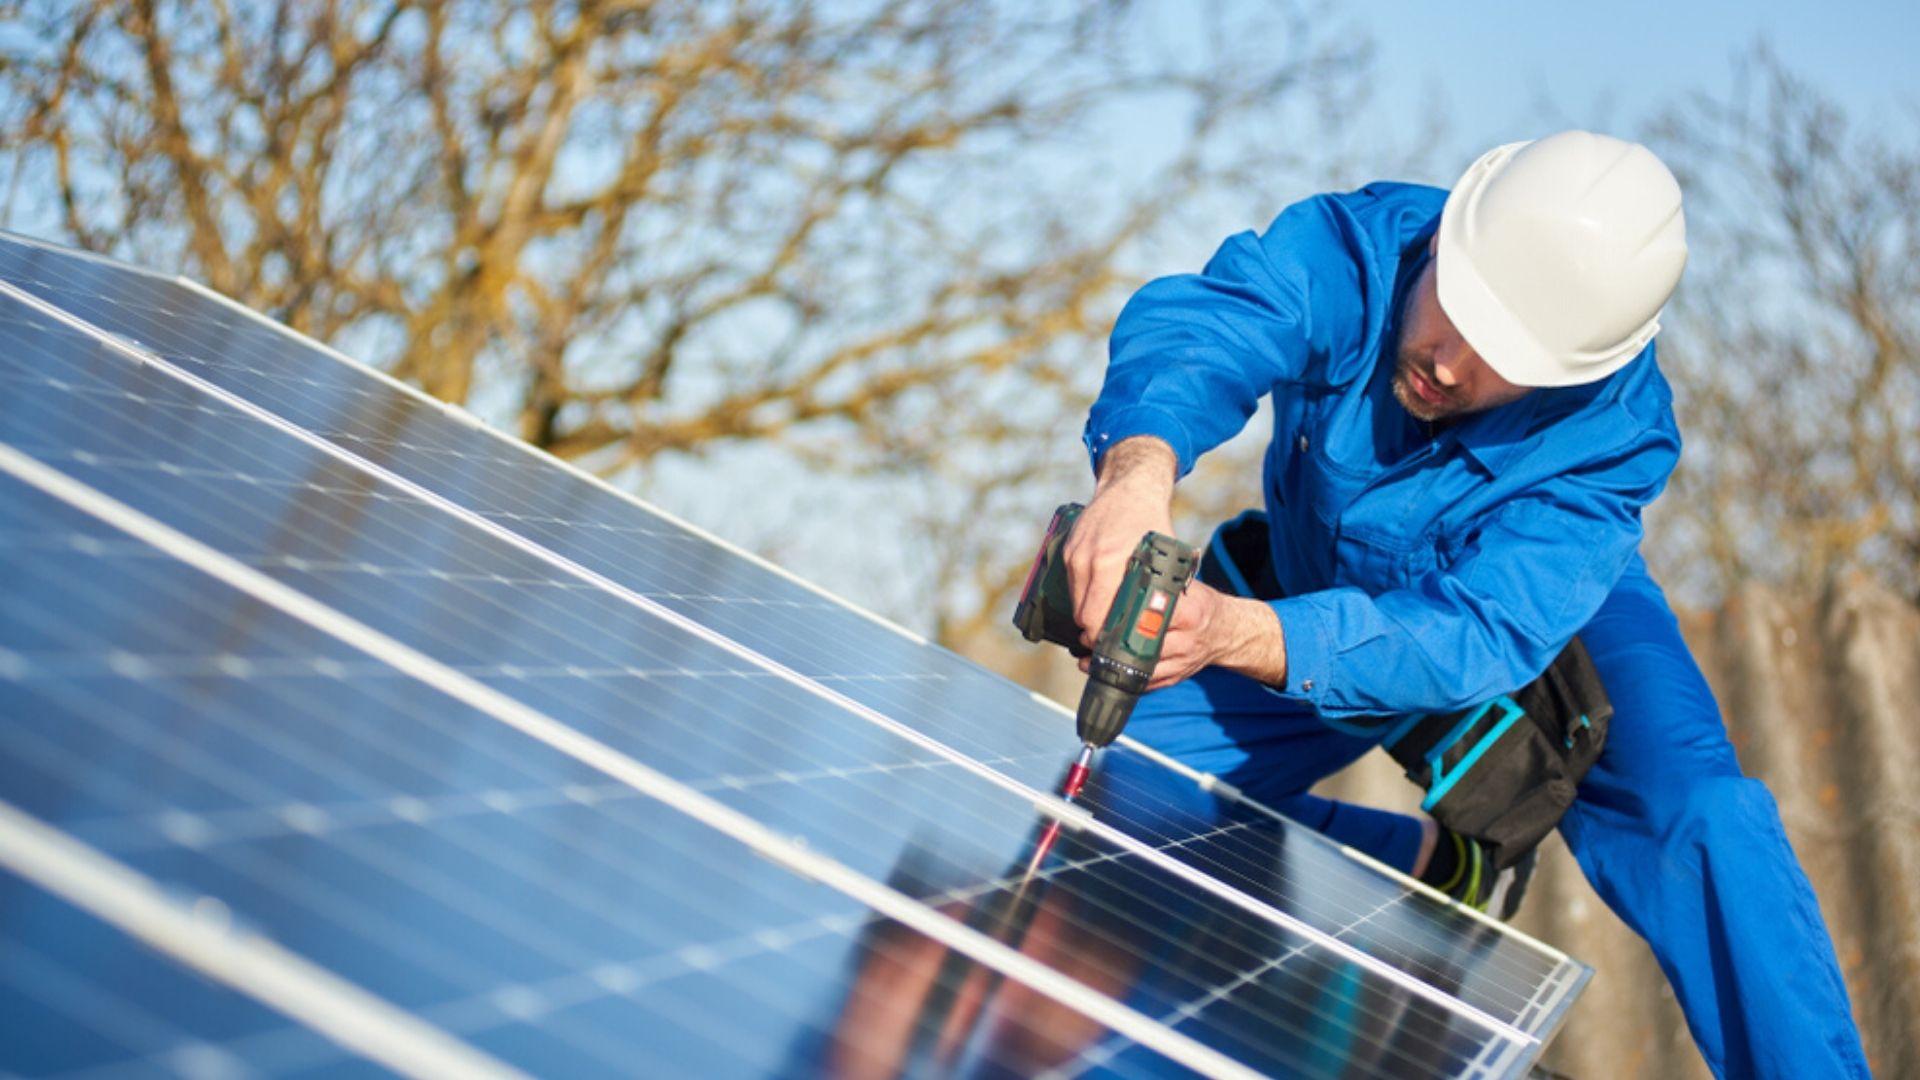 Da aprile 2020 nuove regole di connessione per gli impianti fotovoltaici